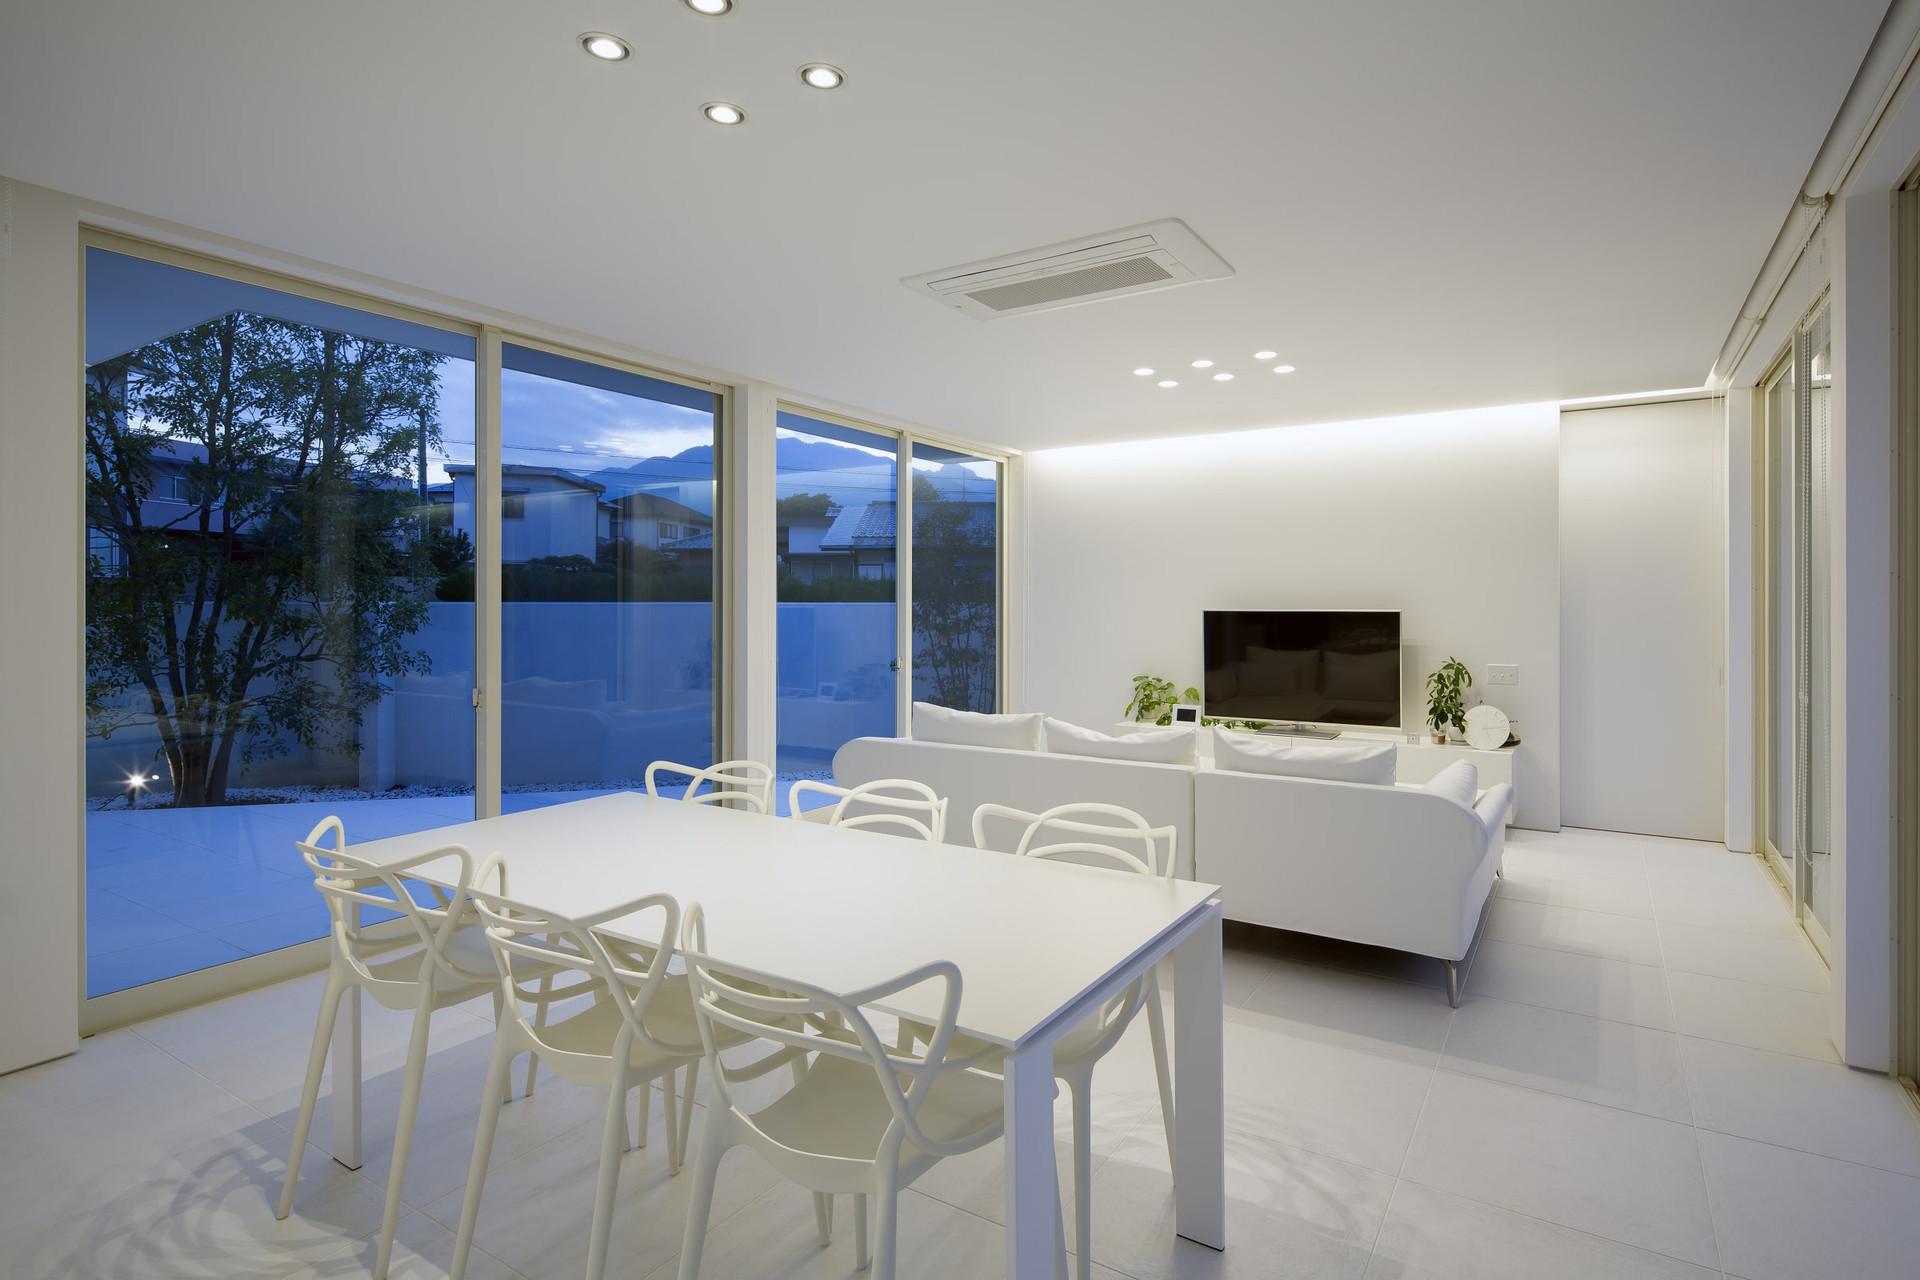 plus-atelier-architect-office_2400_11.jp